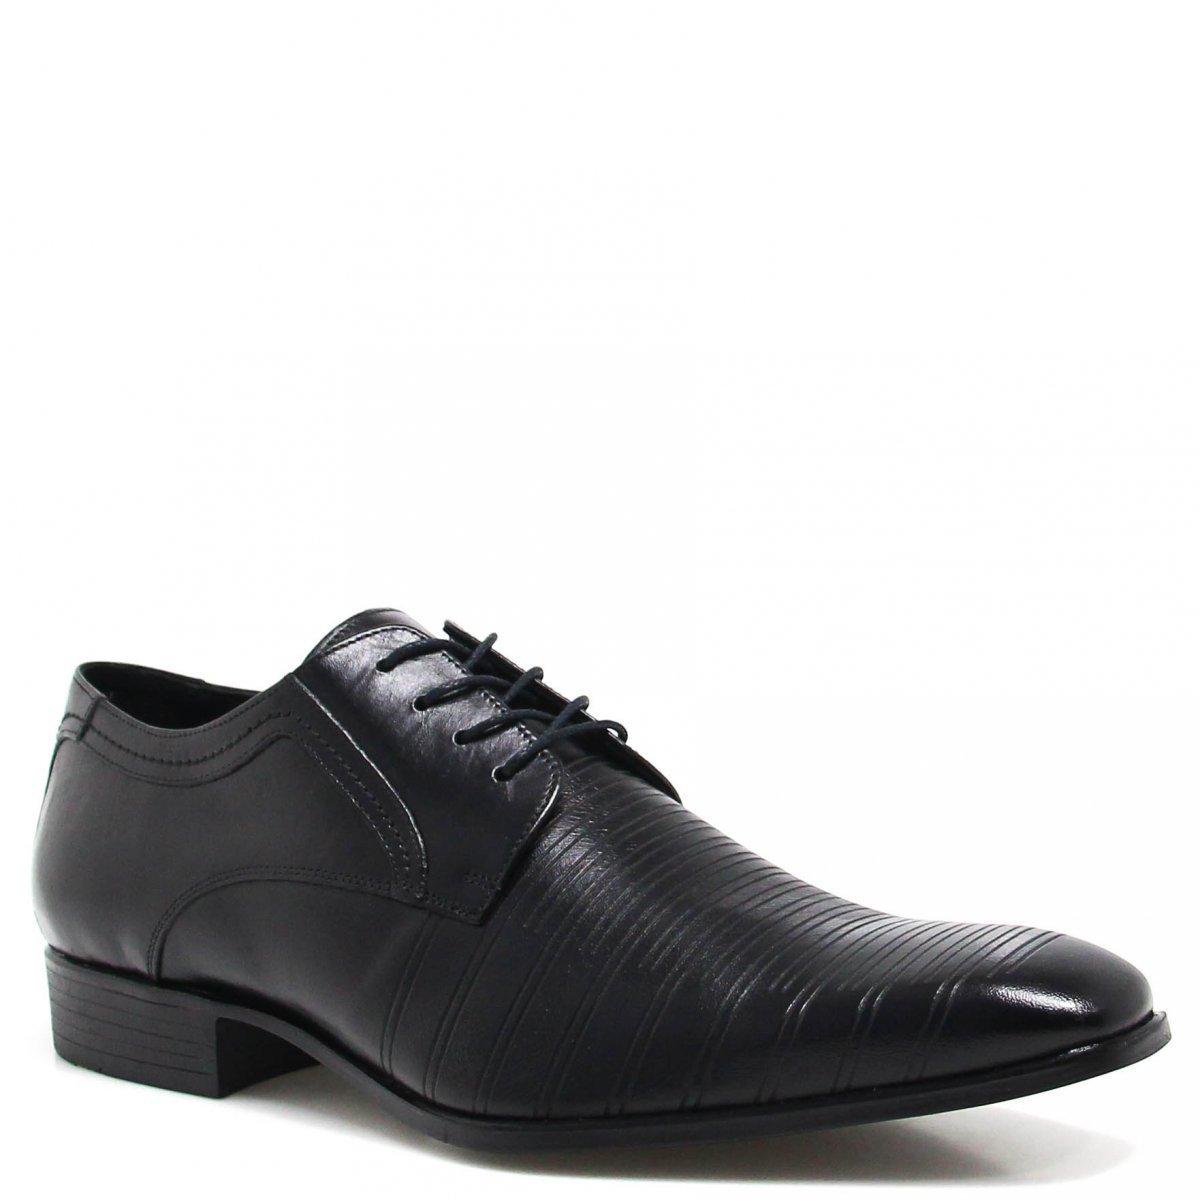 Social Shoes Zariff Sapato Preto Couro Sapato Zariff wxITtnEqFn